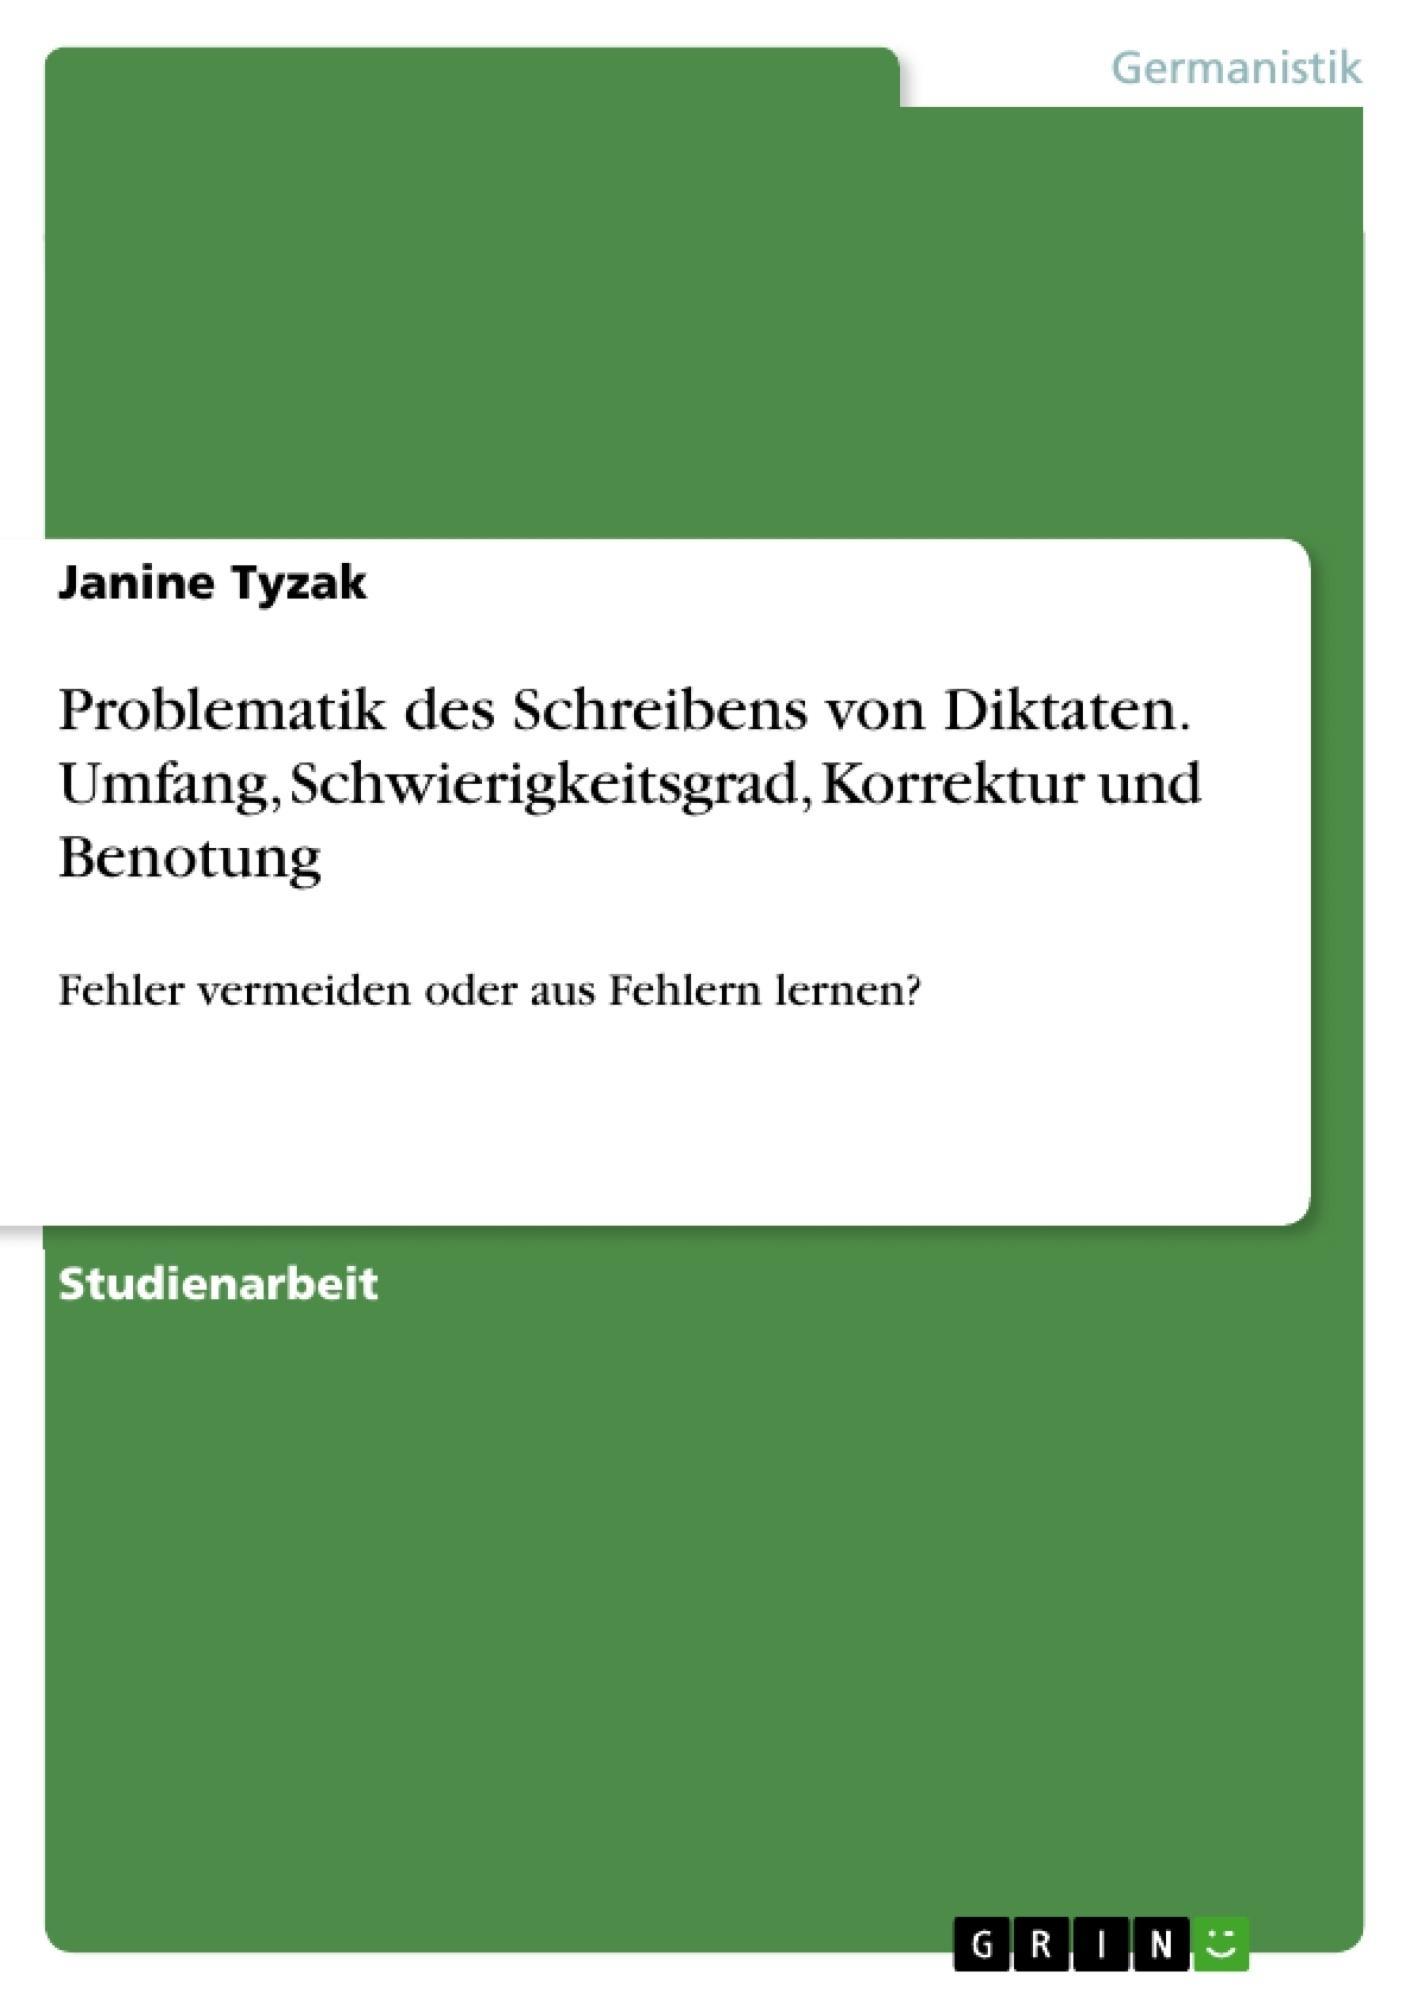 Titel: Problematik des Schreibens von Diktaten. Umfang, Schwierigkeitsgrad, Korrektur und Benotung